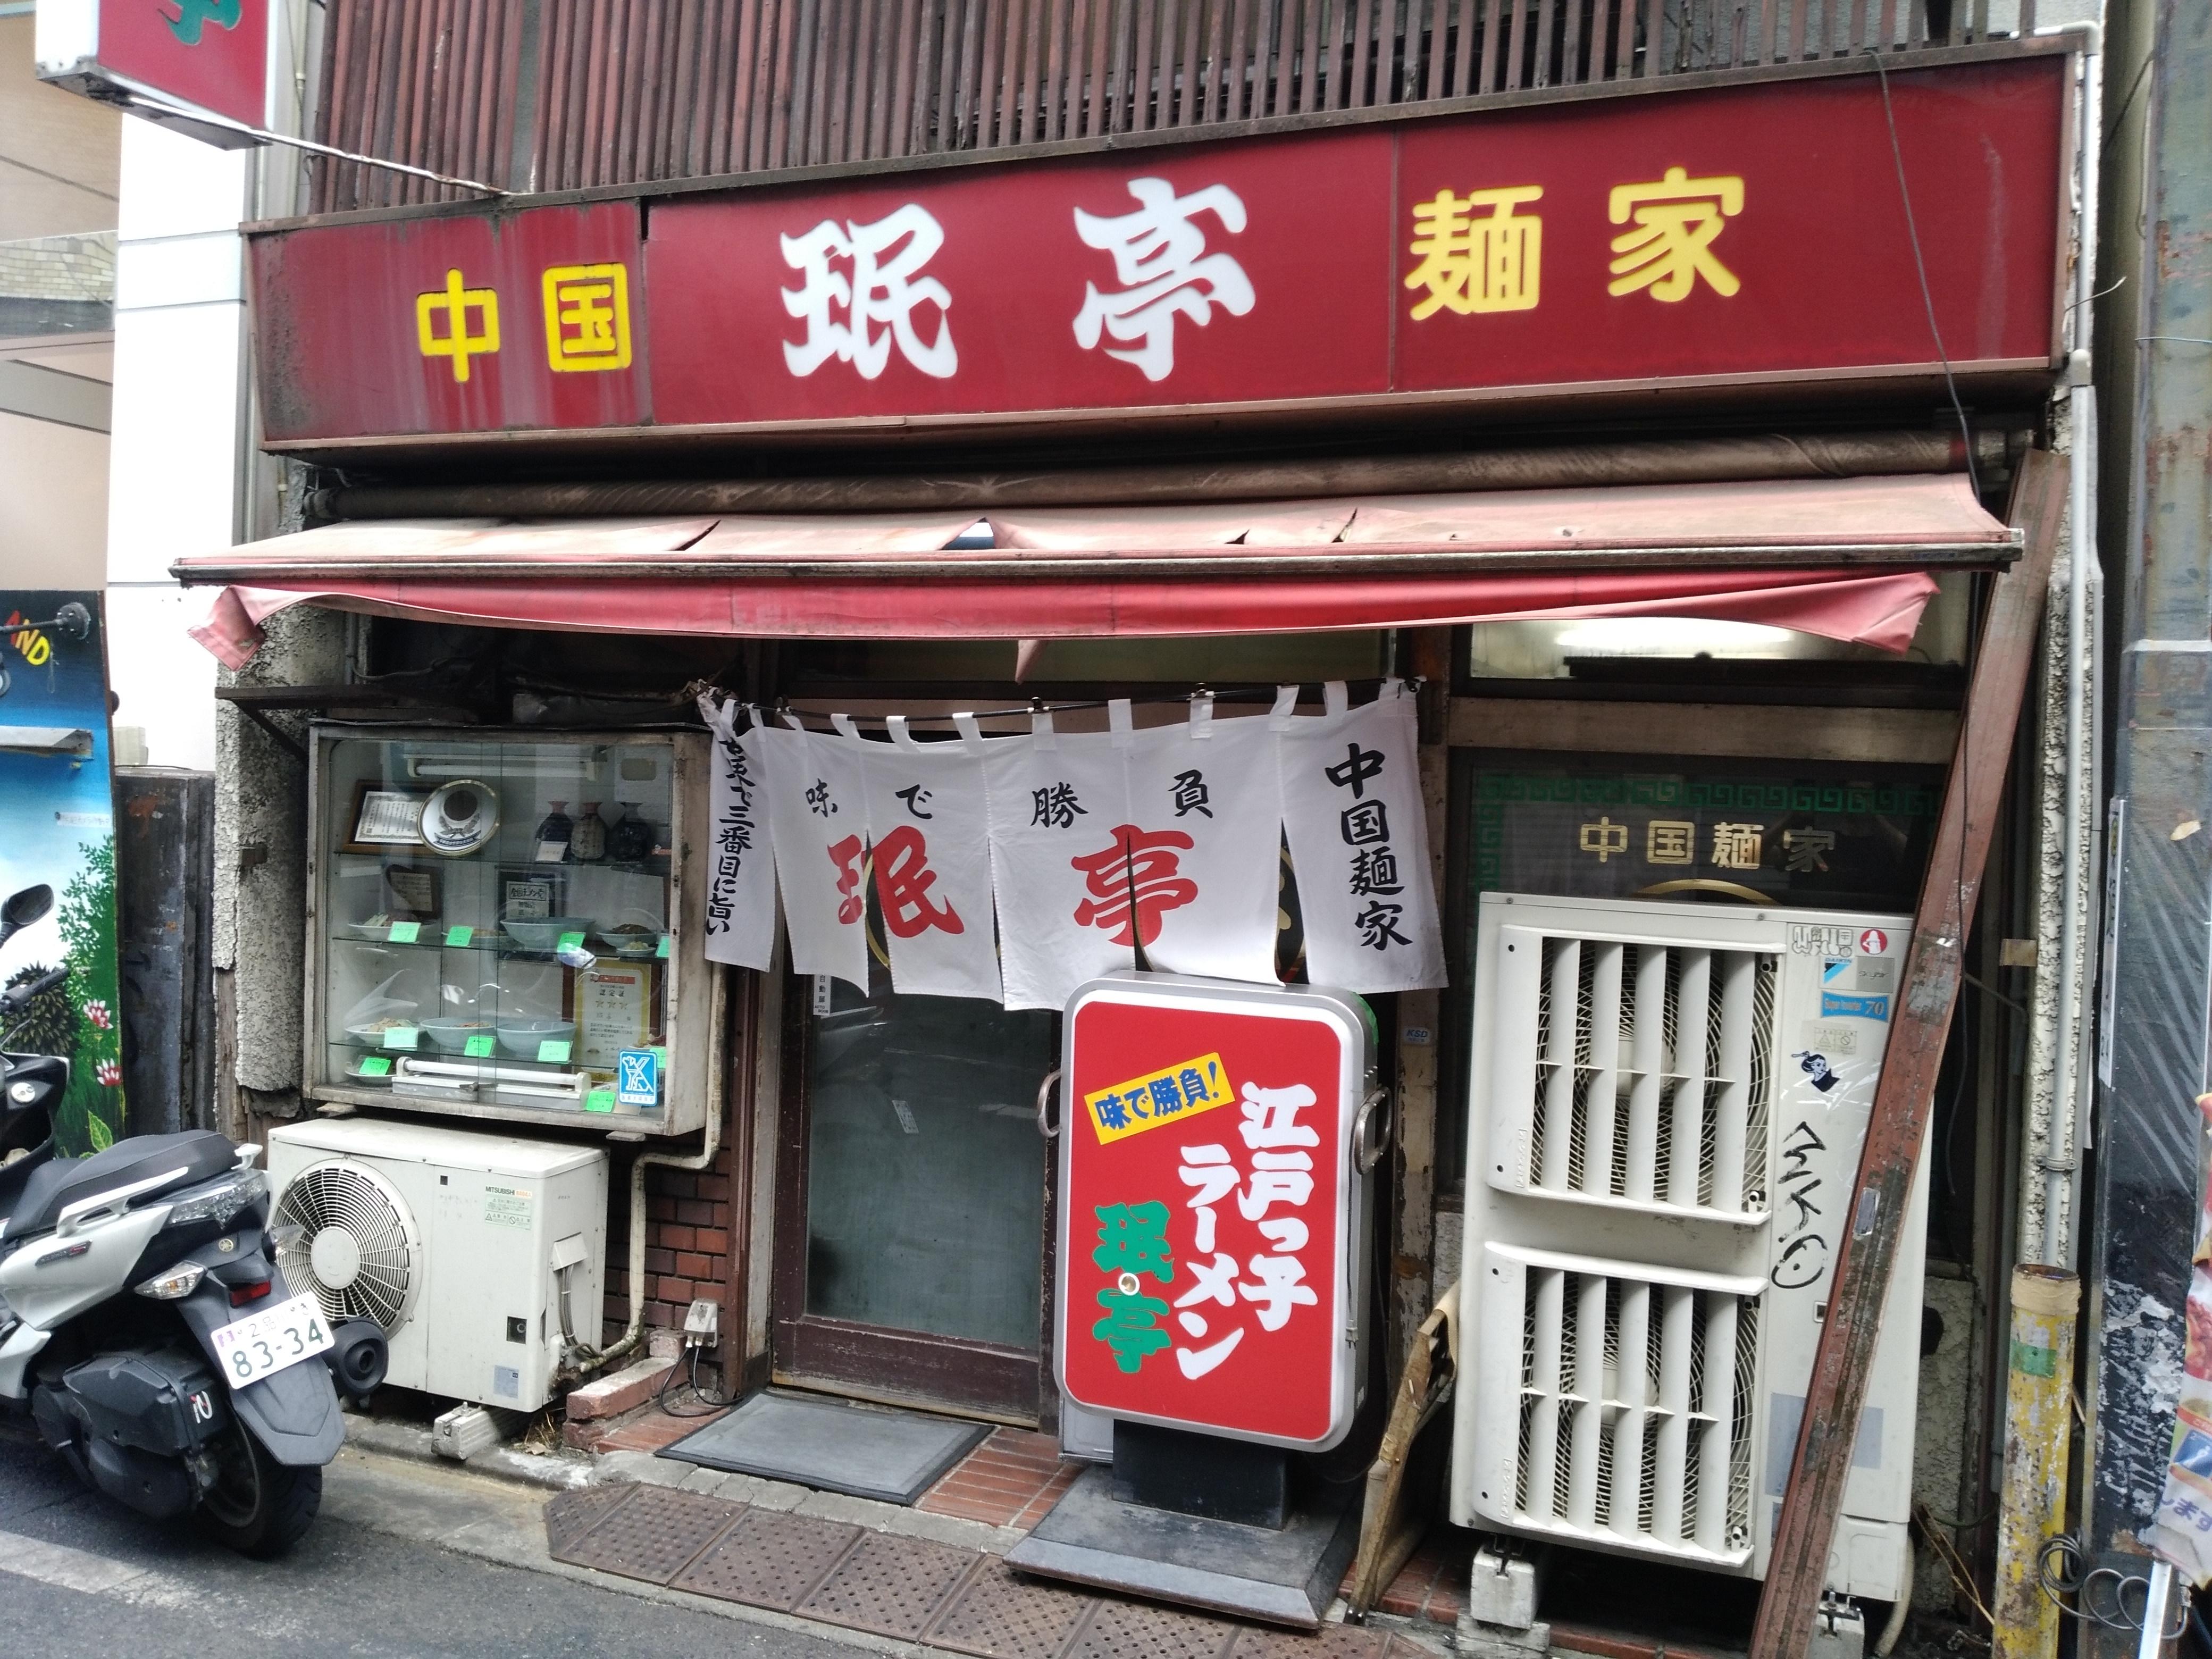 下北沢は老舗中華料理屋「珉亭」に行ってきた。